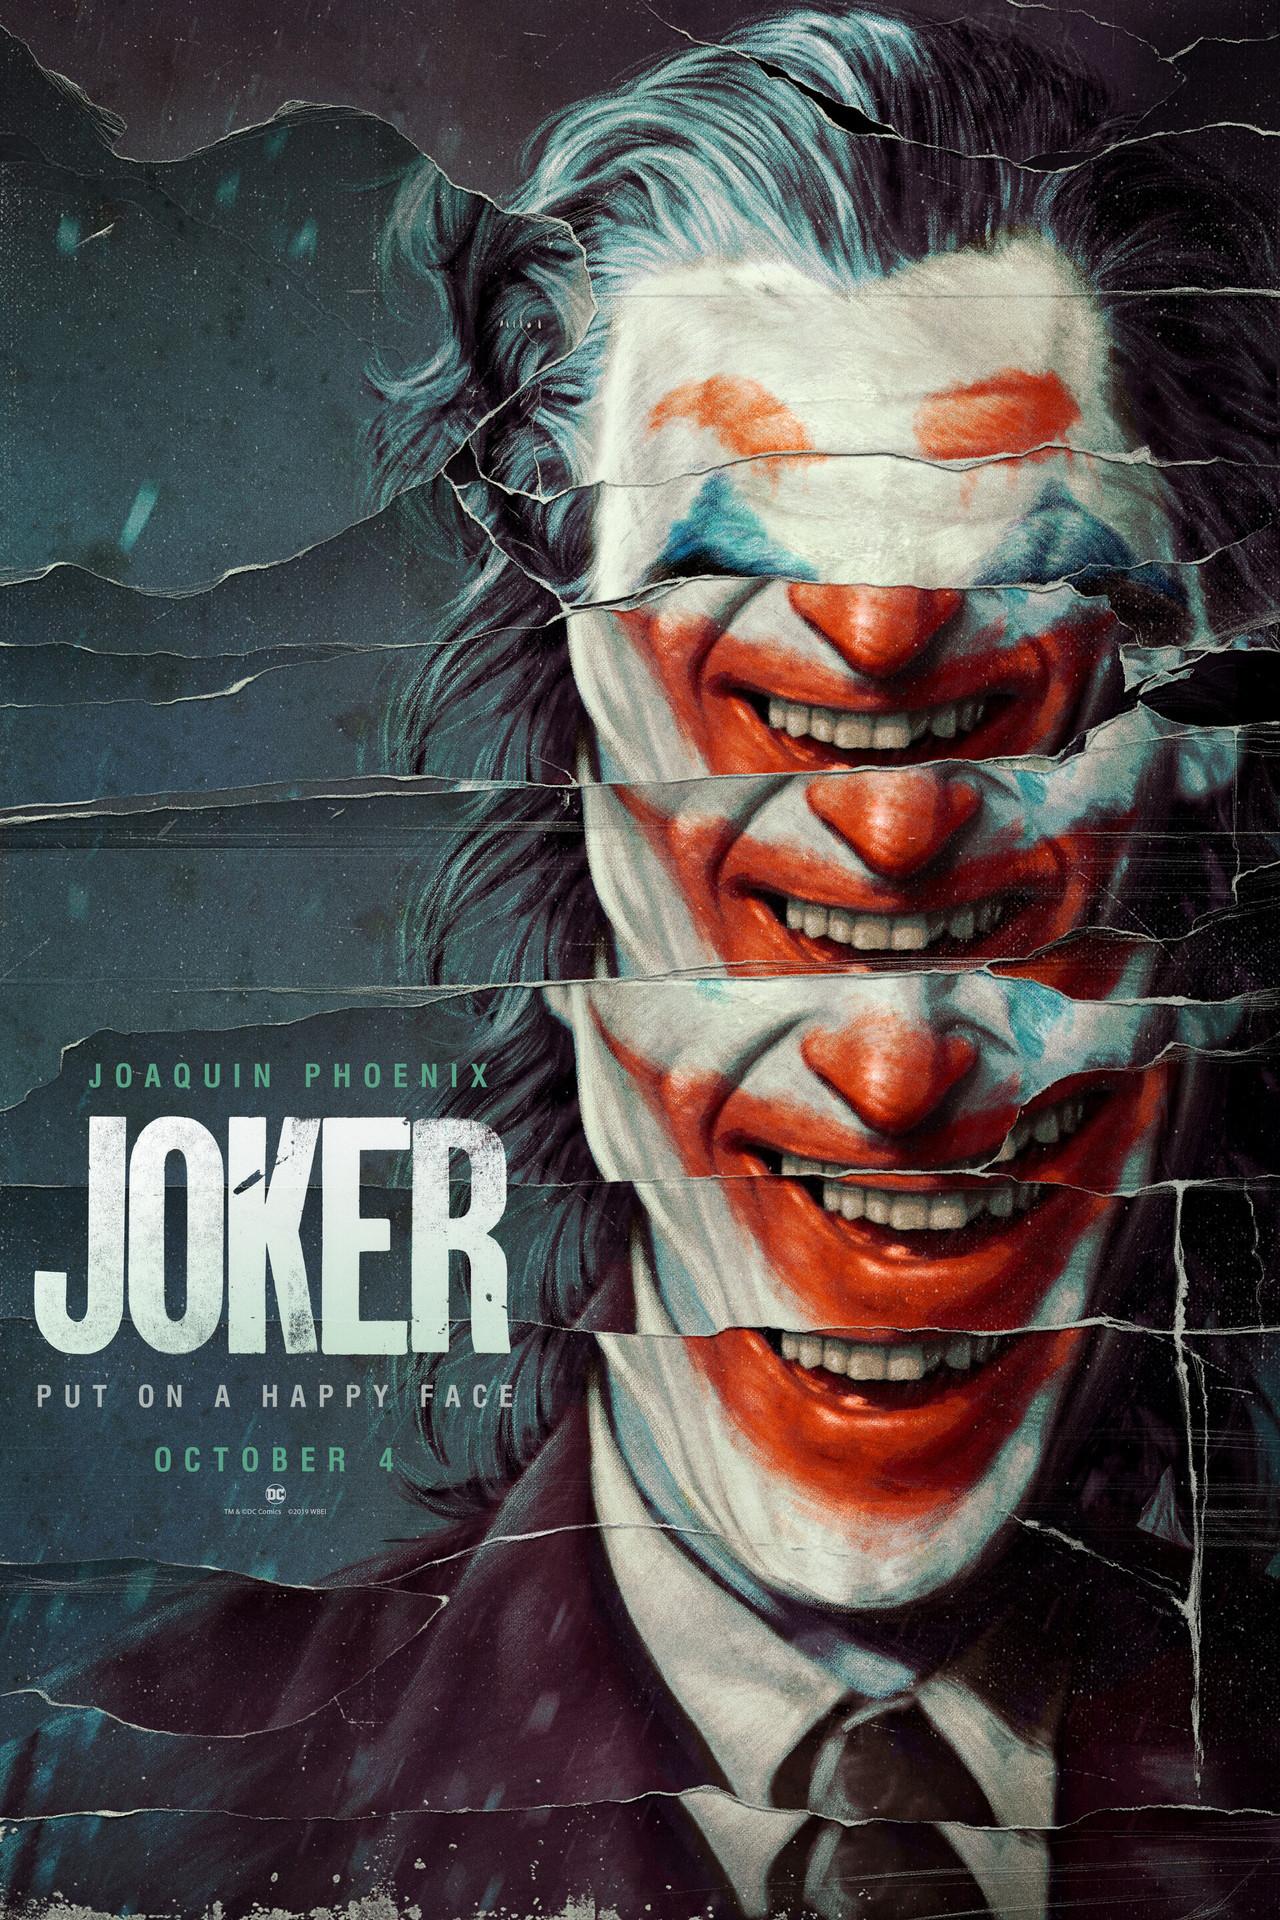 joker poster - multiple smiles